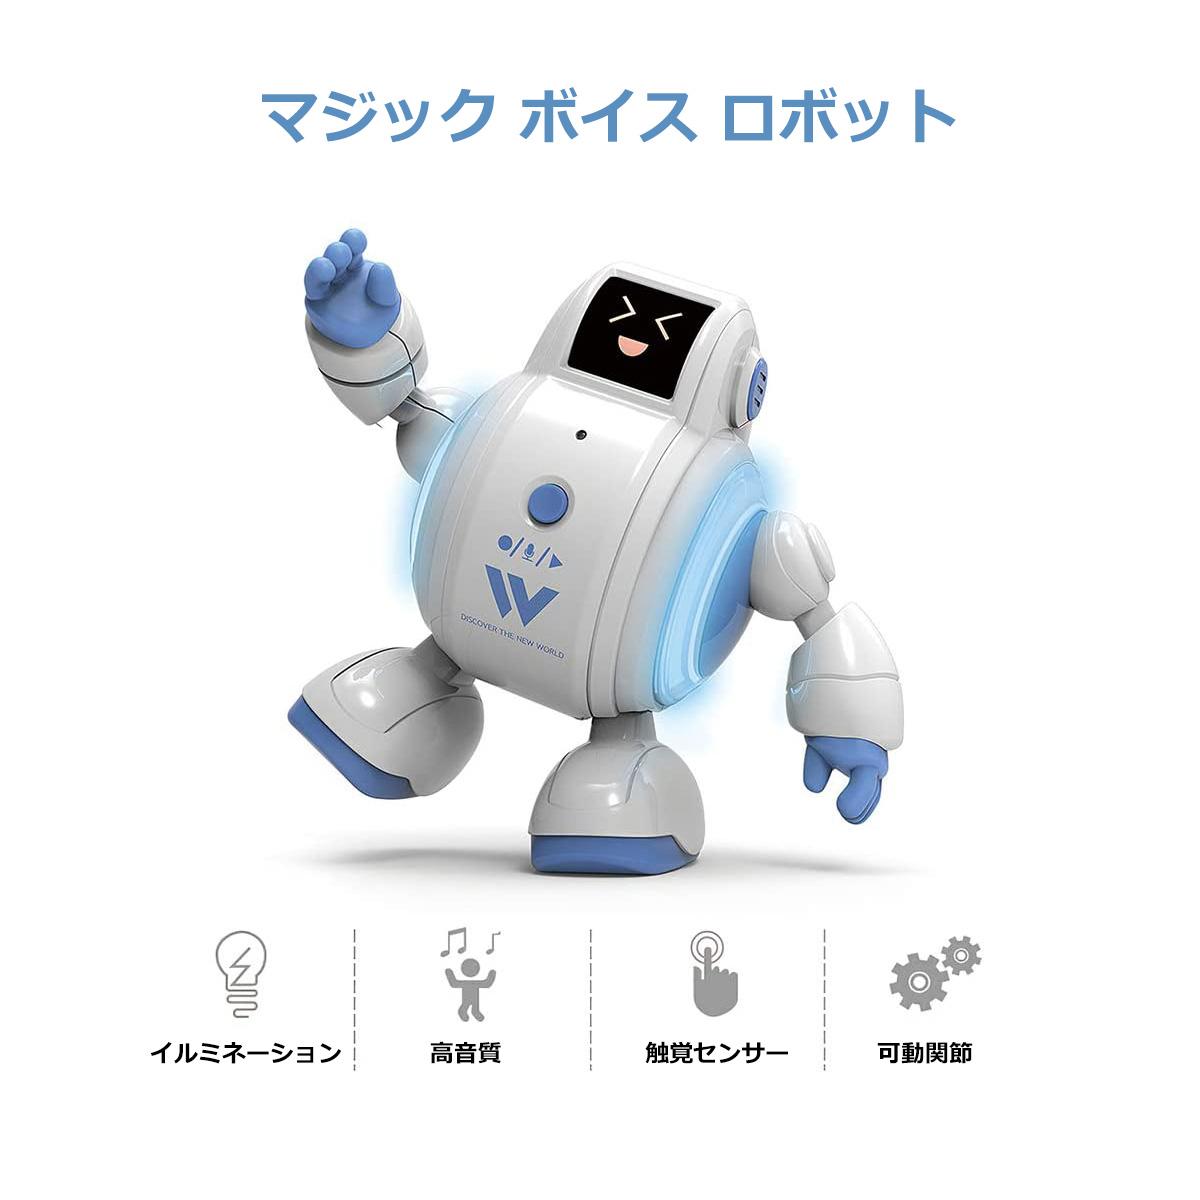 マジックボイスロボットの機能は録音、タッチセンシング、8曲のMIDI音楽の再生、効果音、表情変化、手足の動作自由。